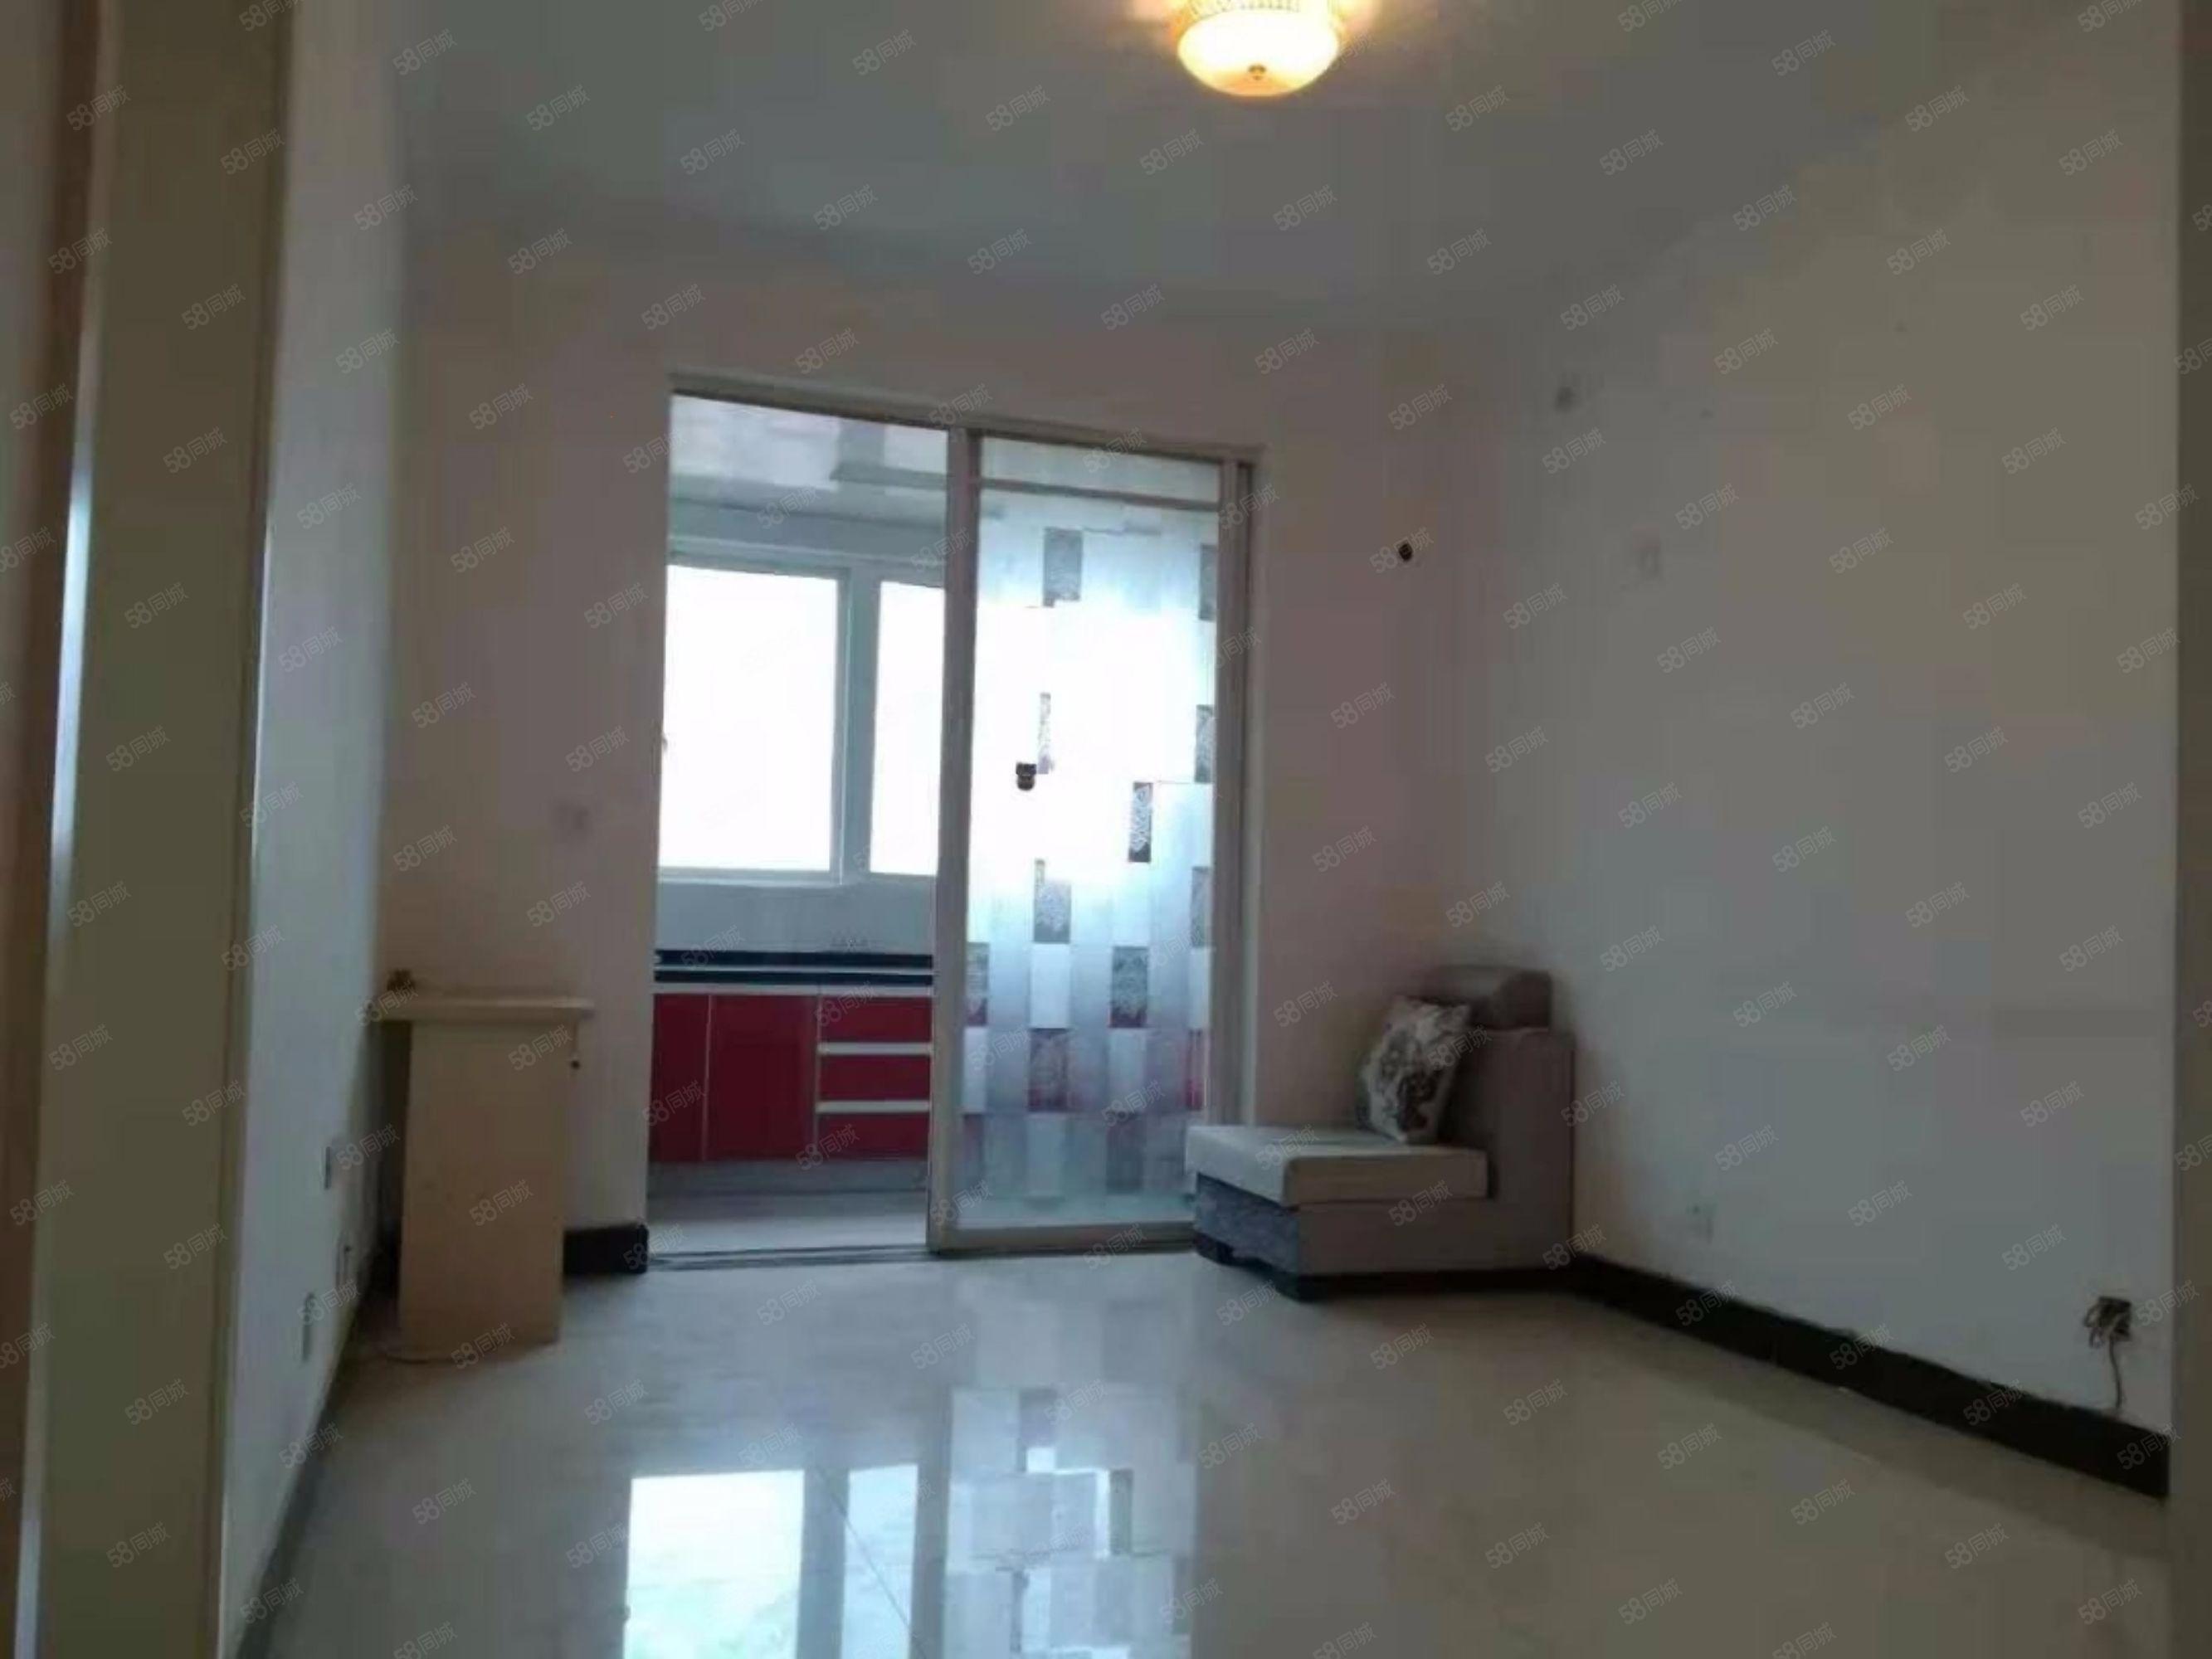 [实勘]阳光家园1室1厅1卫57平,中等装修装